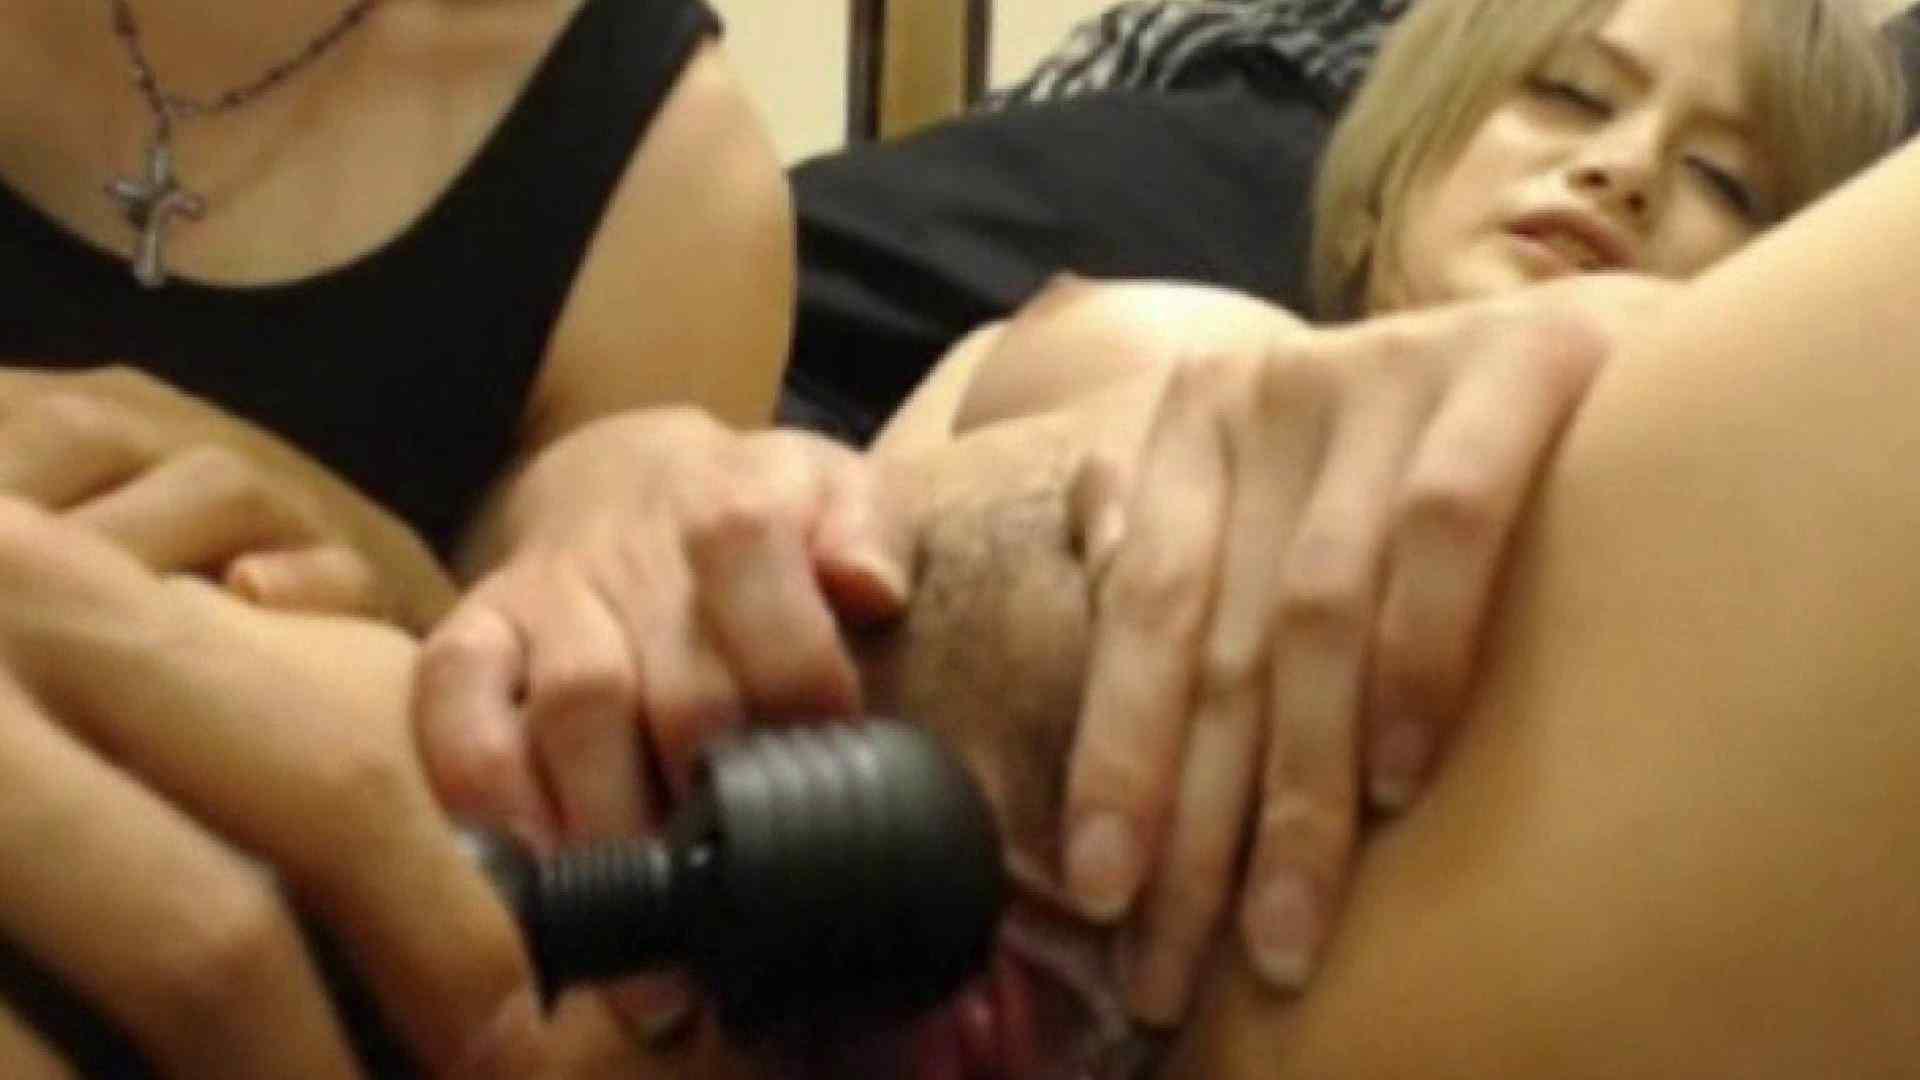 ギャルとハメハメ生チャット!Vol.19前編 SEX セックス画像 77PIX 19